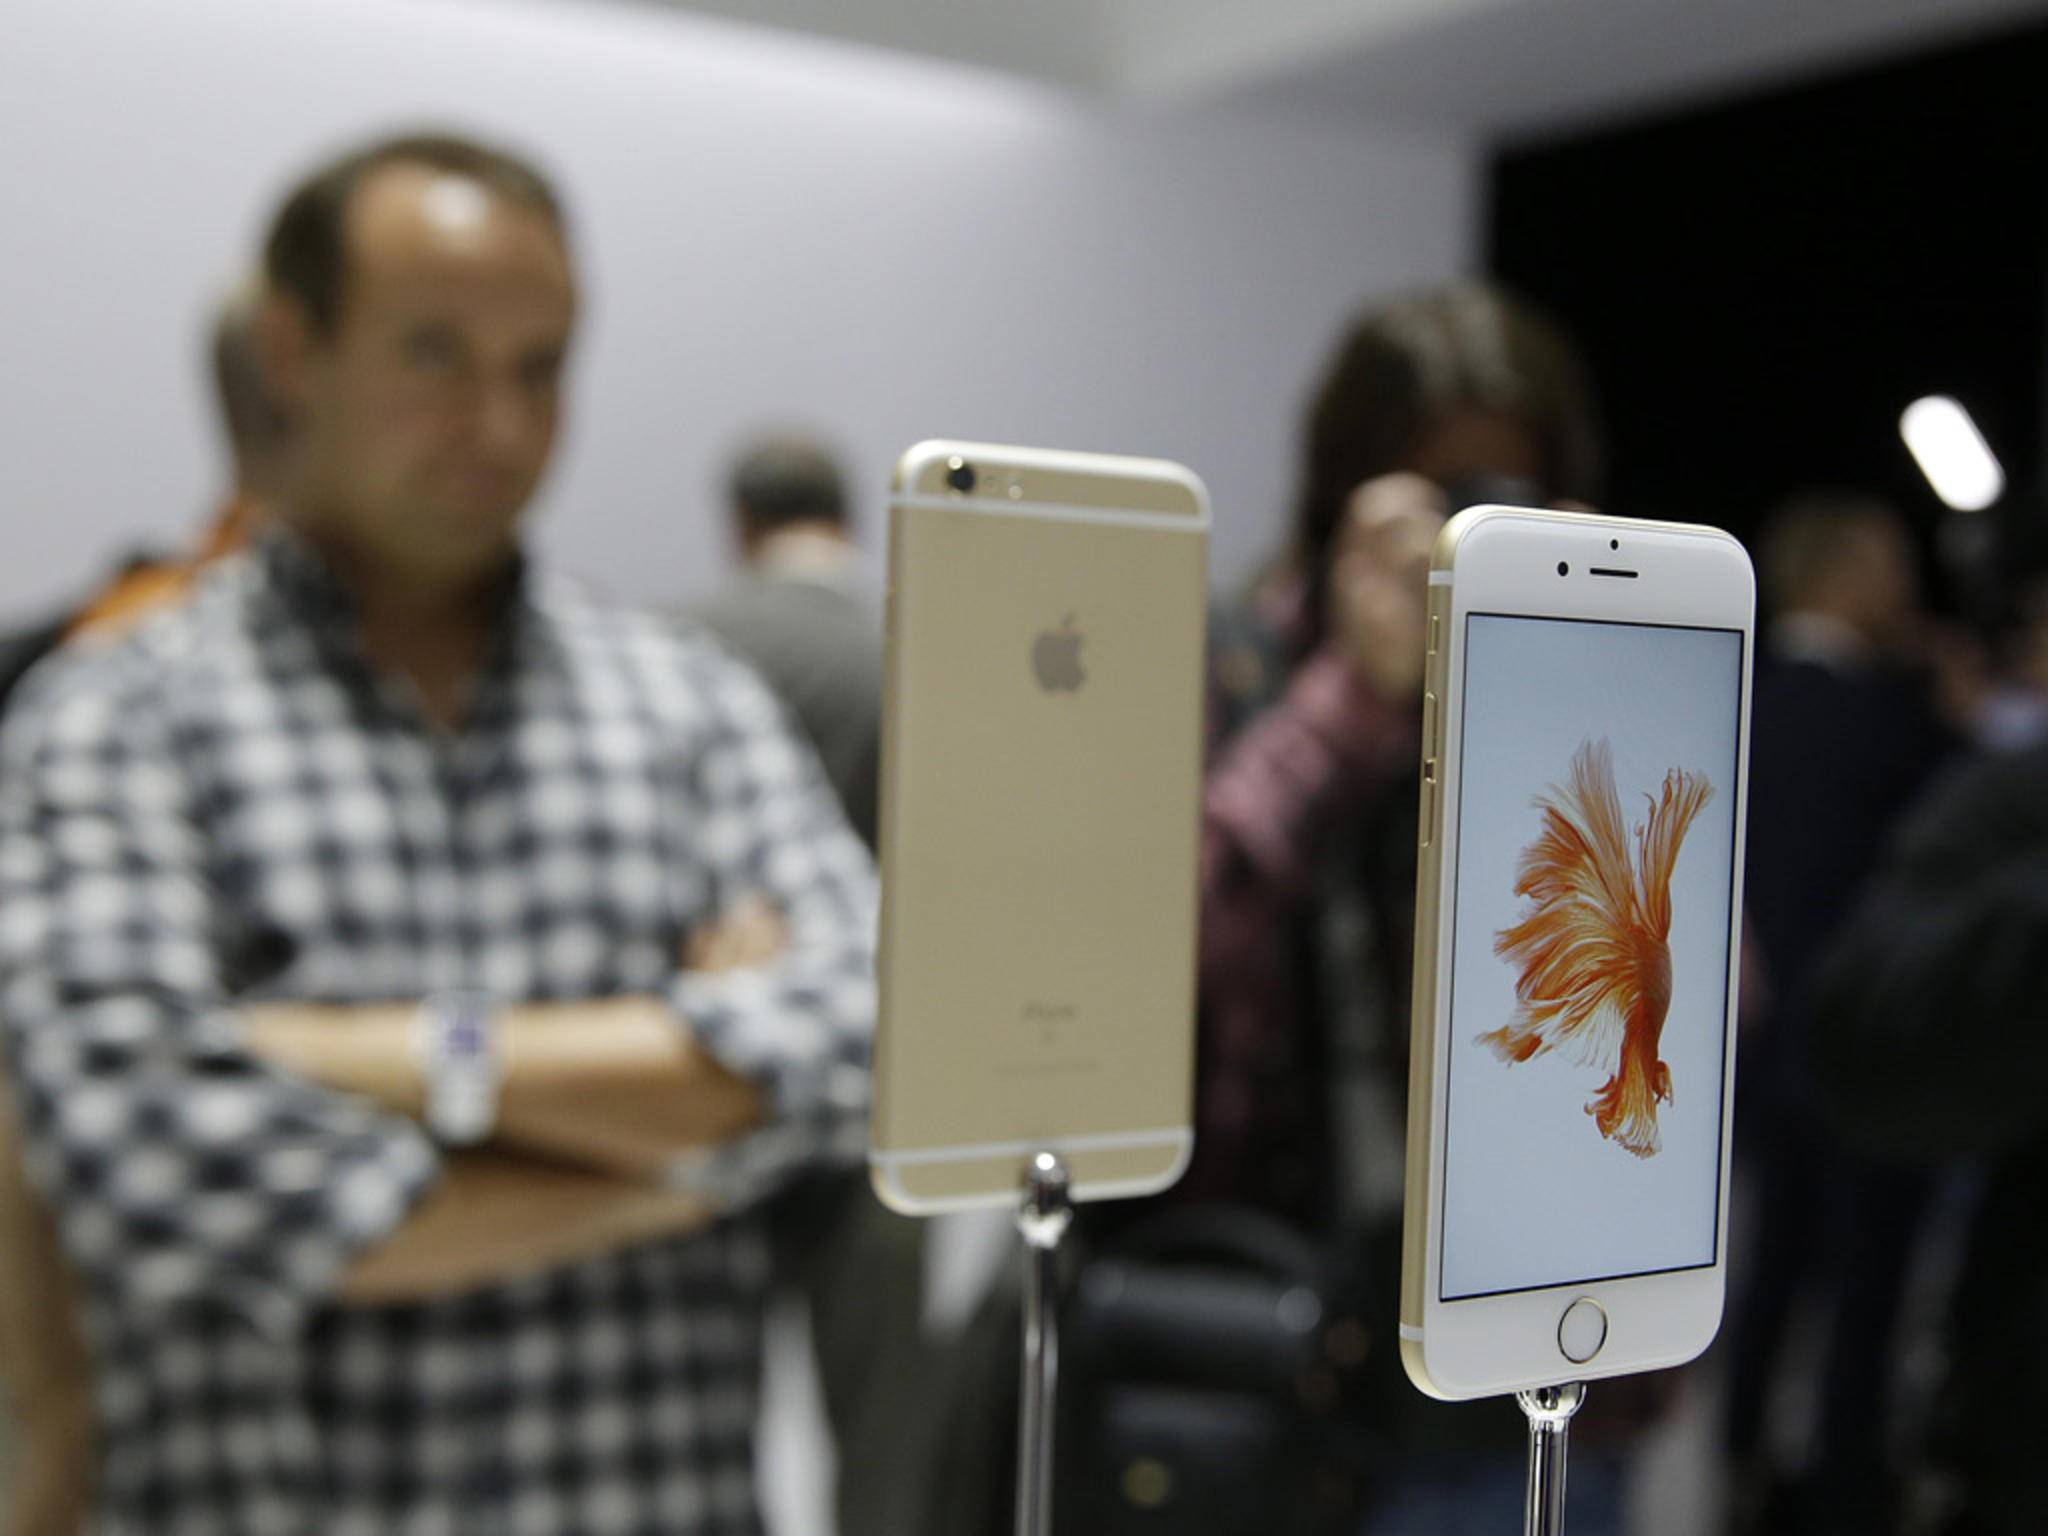 Lohnt sich der Umstieg vom iPhone 6 auf das iPhone 6s?